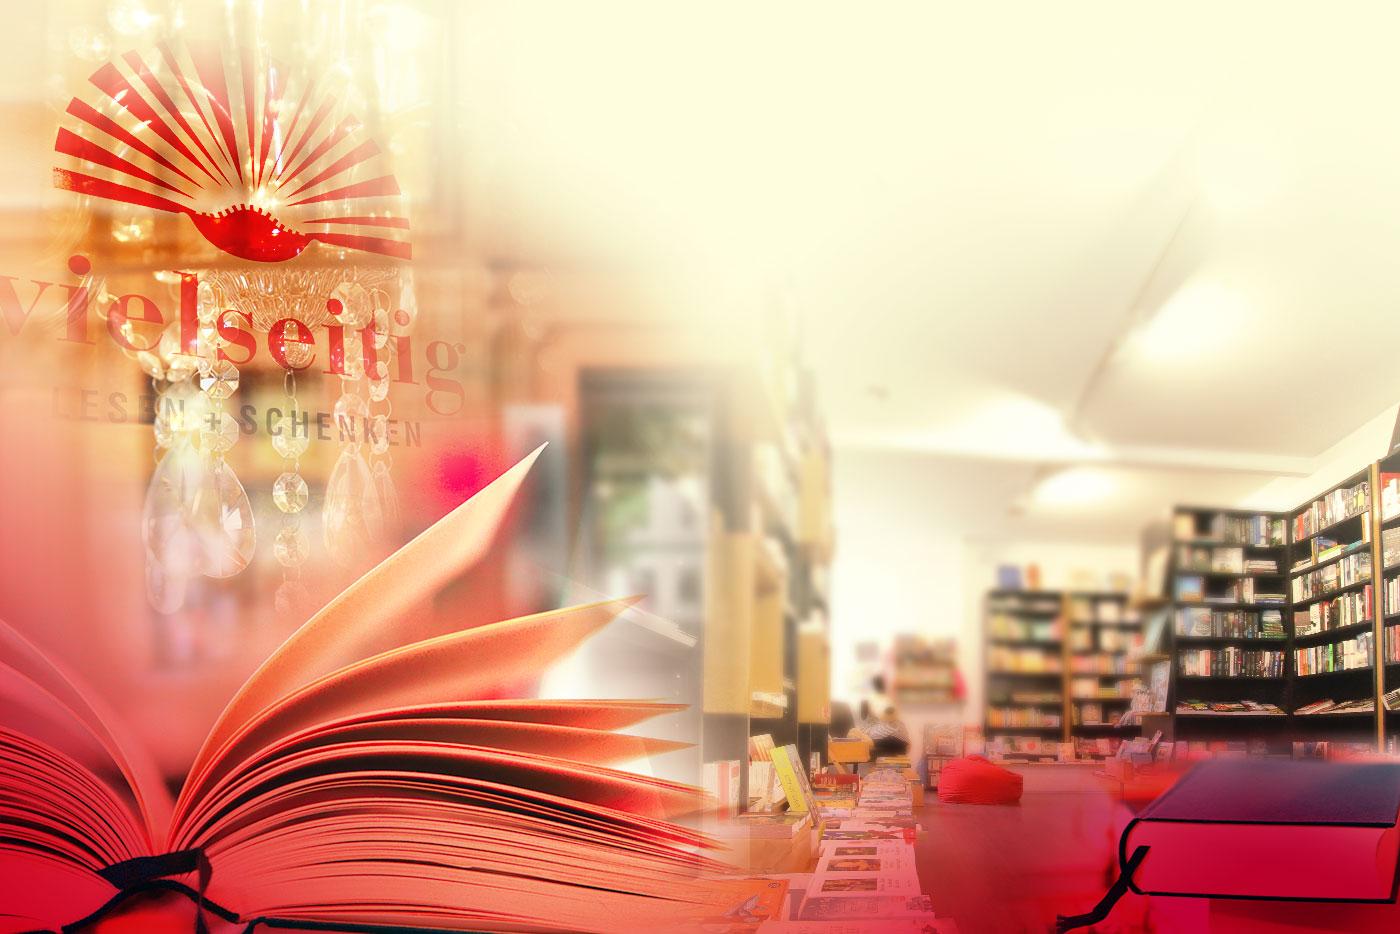 Impressionen Buchhandlung vielseitig Berlin Friedrichshagen und Rahnsdorf